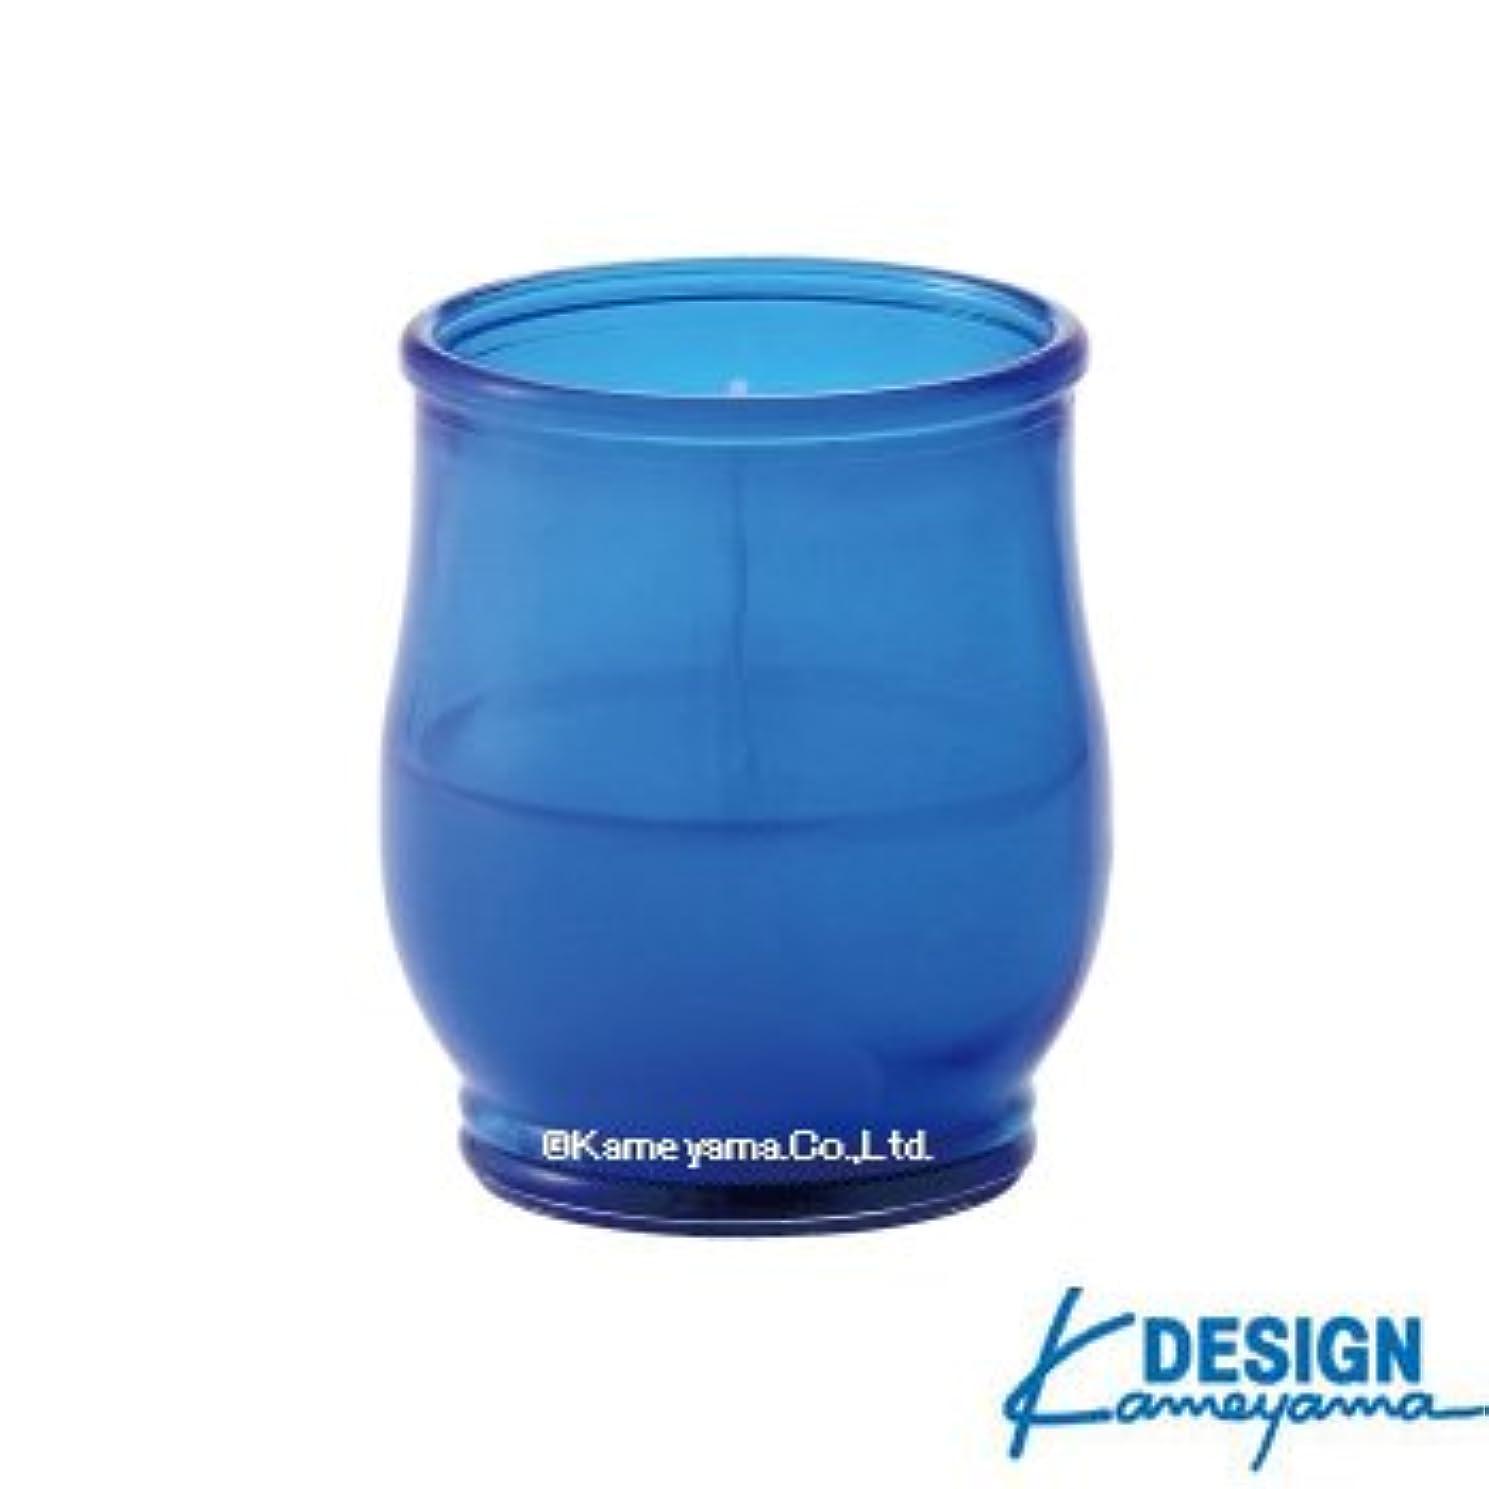 カメヤマキャンドル グラスキャンドル ポシェ ex ブルー 6個セット